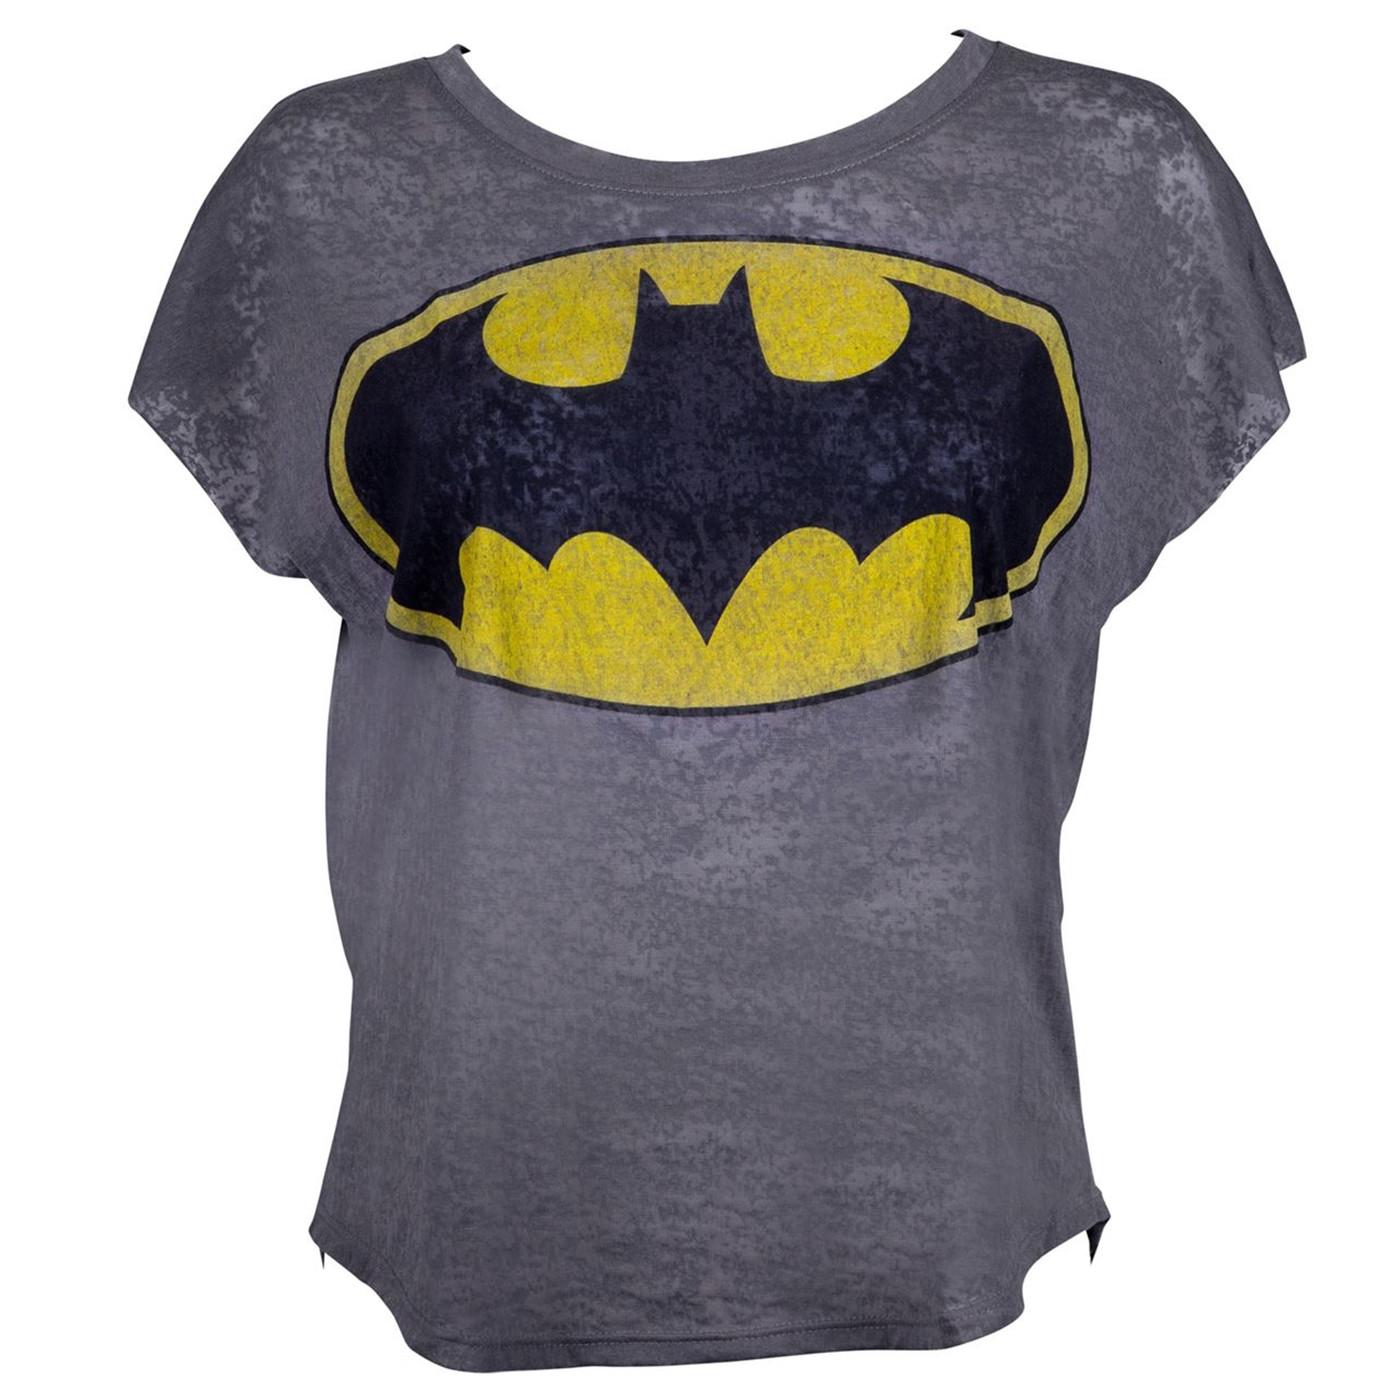 Batman Boxy Sleeveless Women's T-Shirt